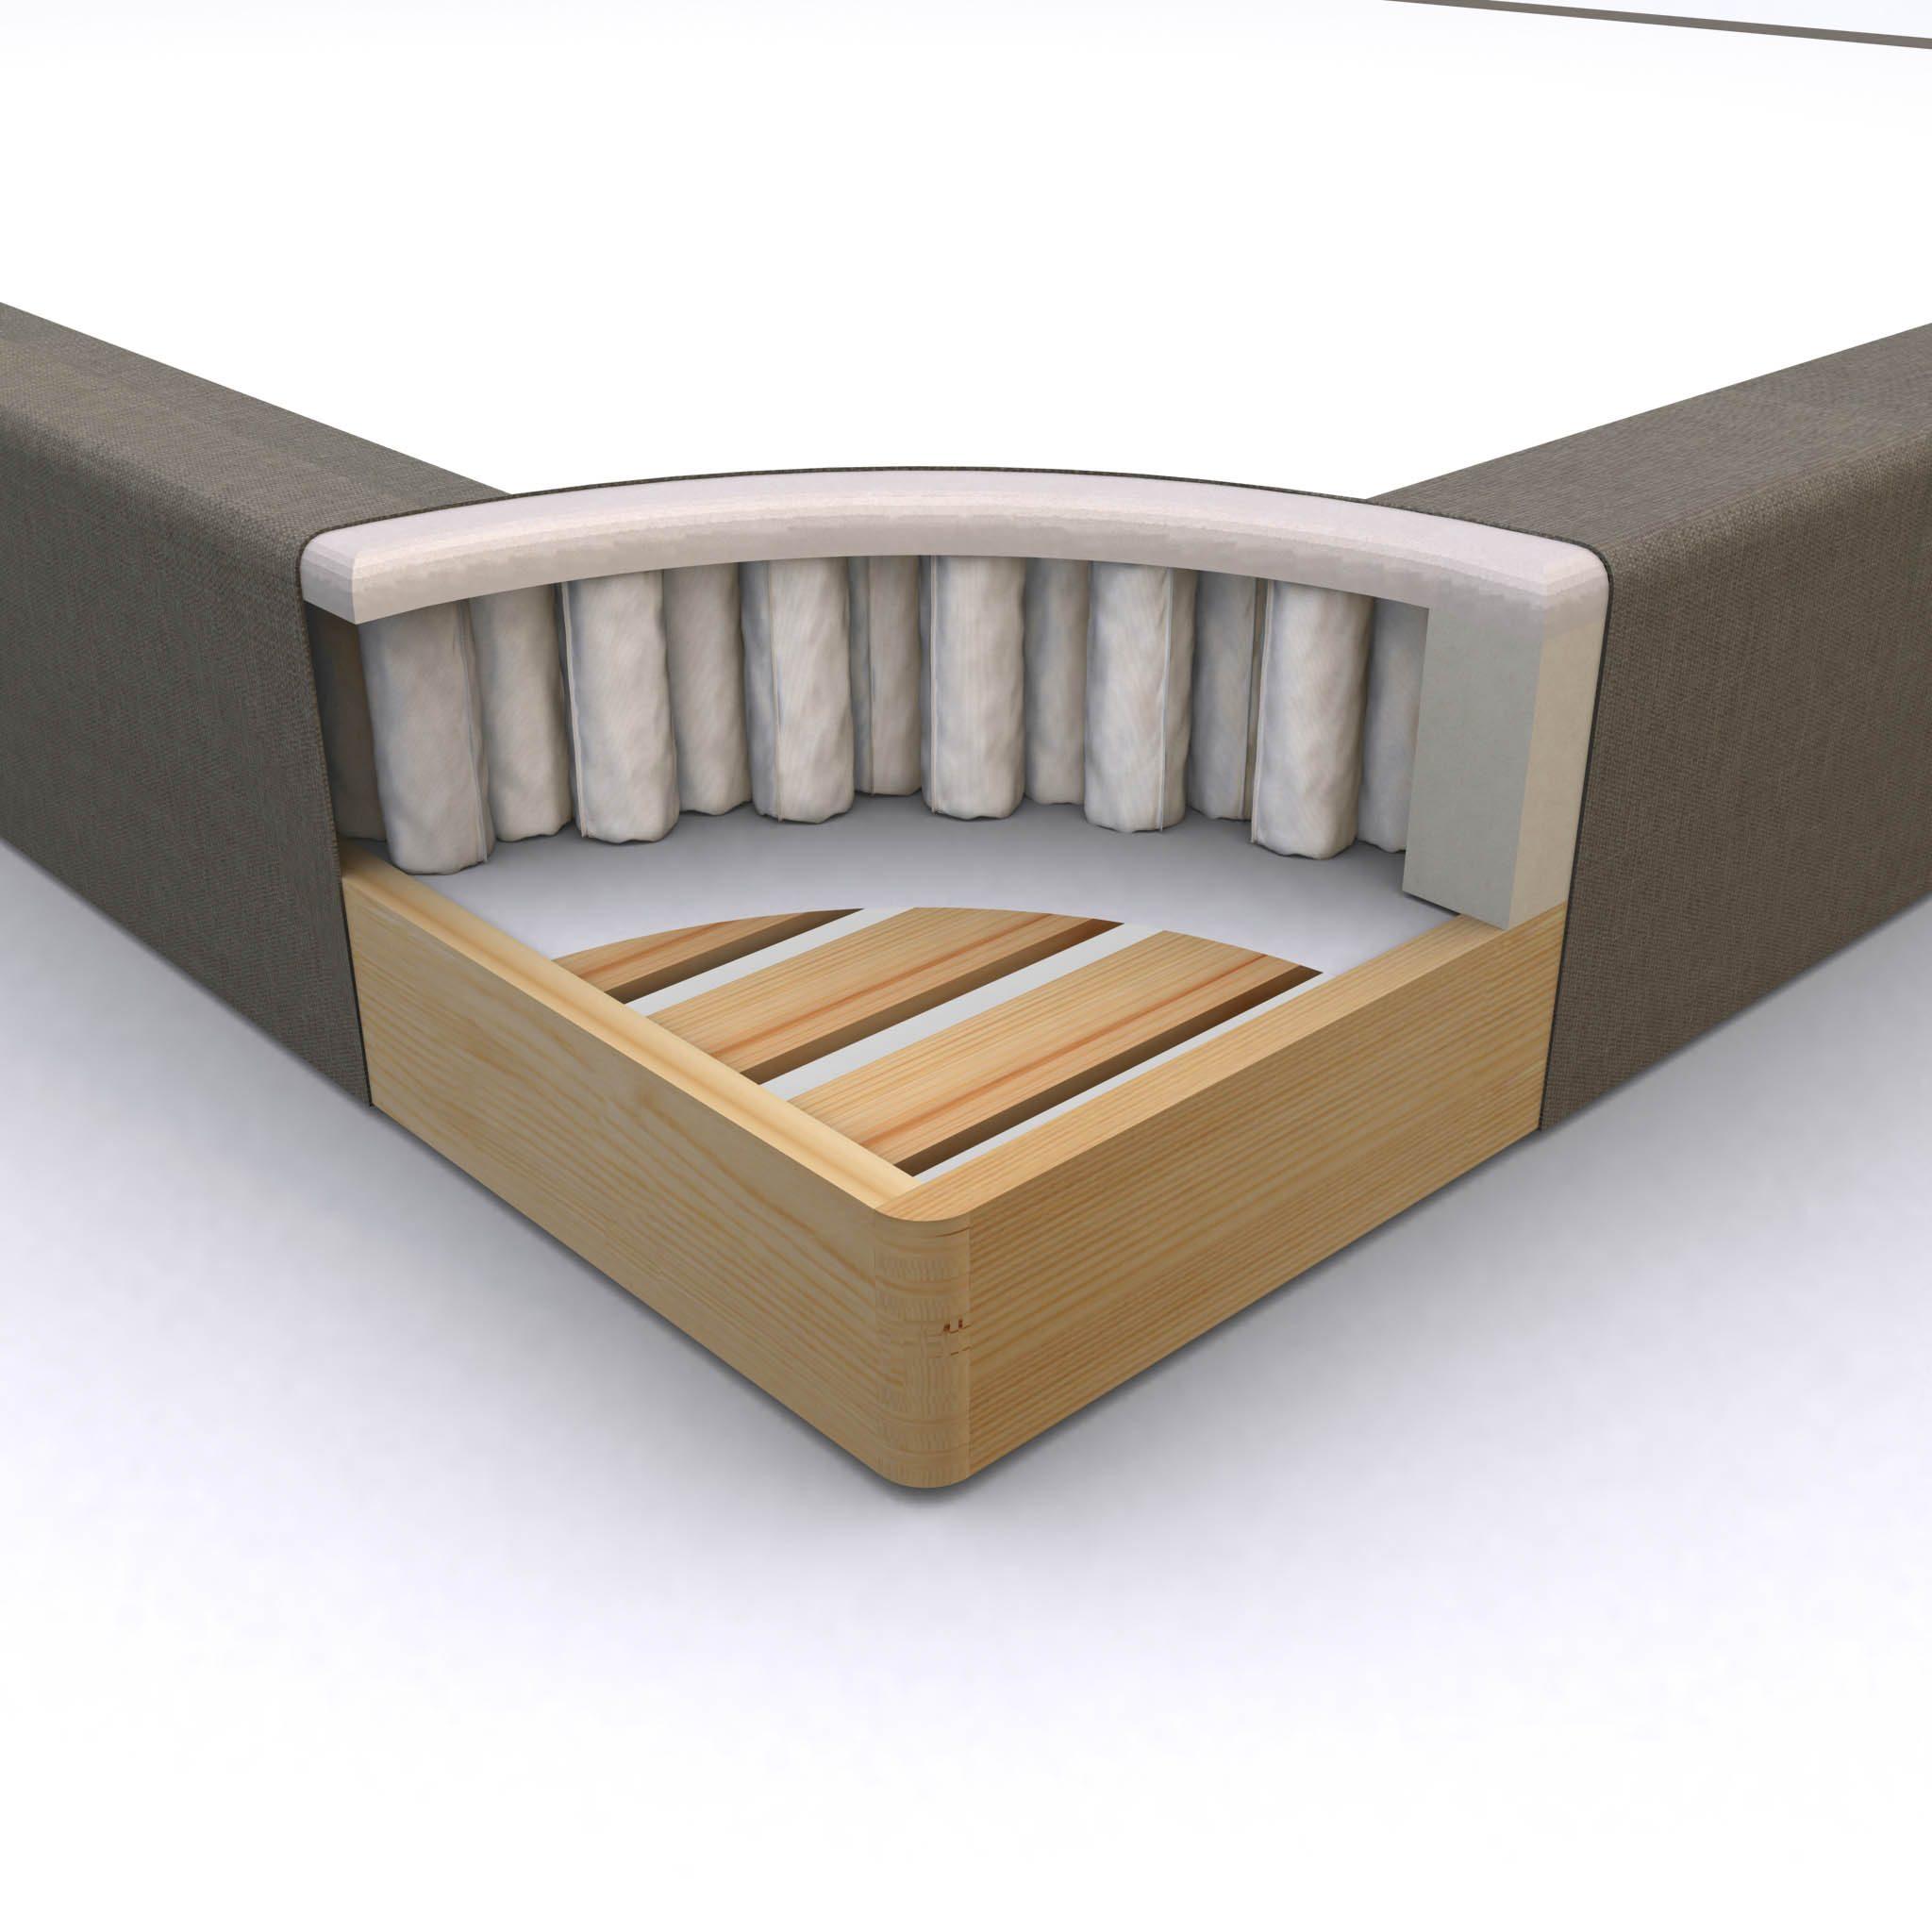 Geomskärning av sängen Family ramsäng från Hilding.